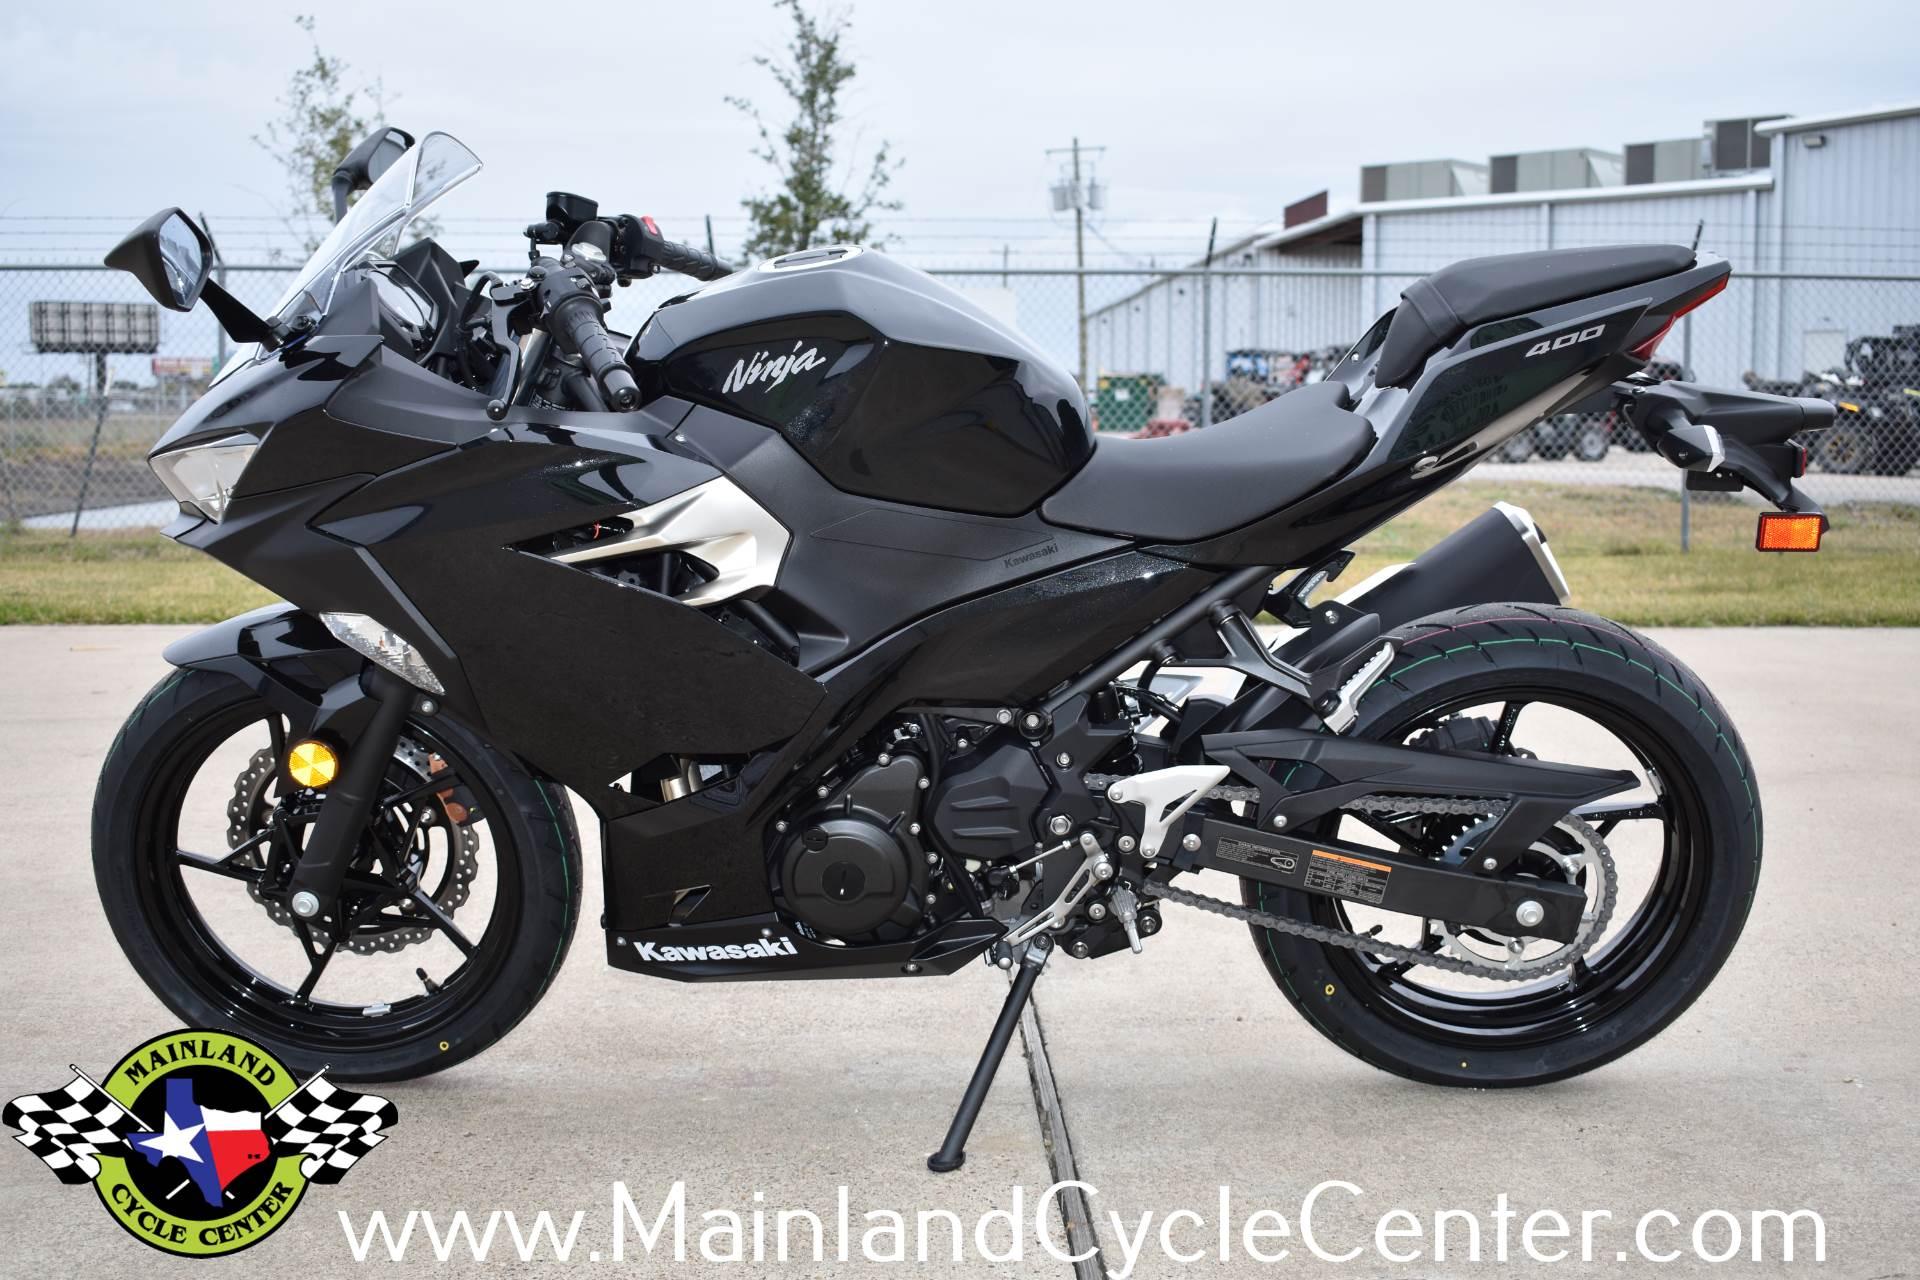 2019 Kawasaki Ninja 400 ABS 6